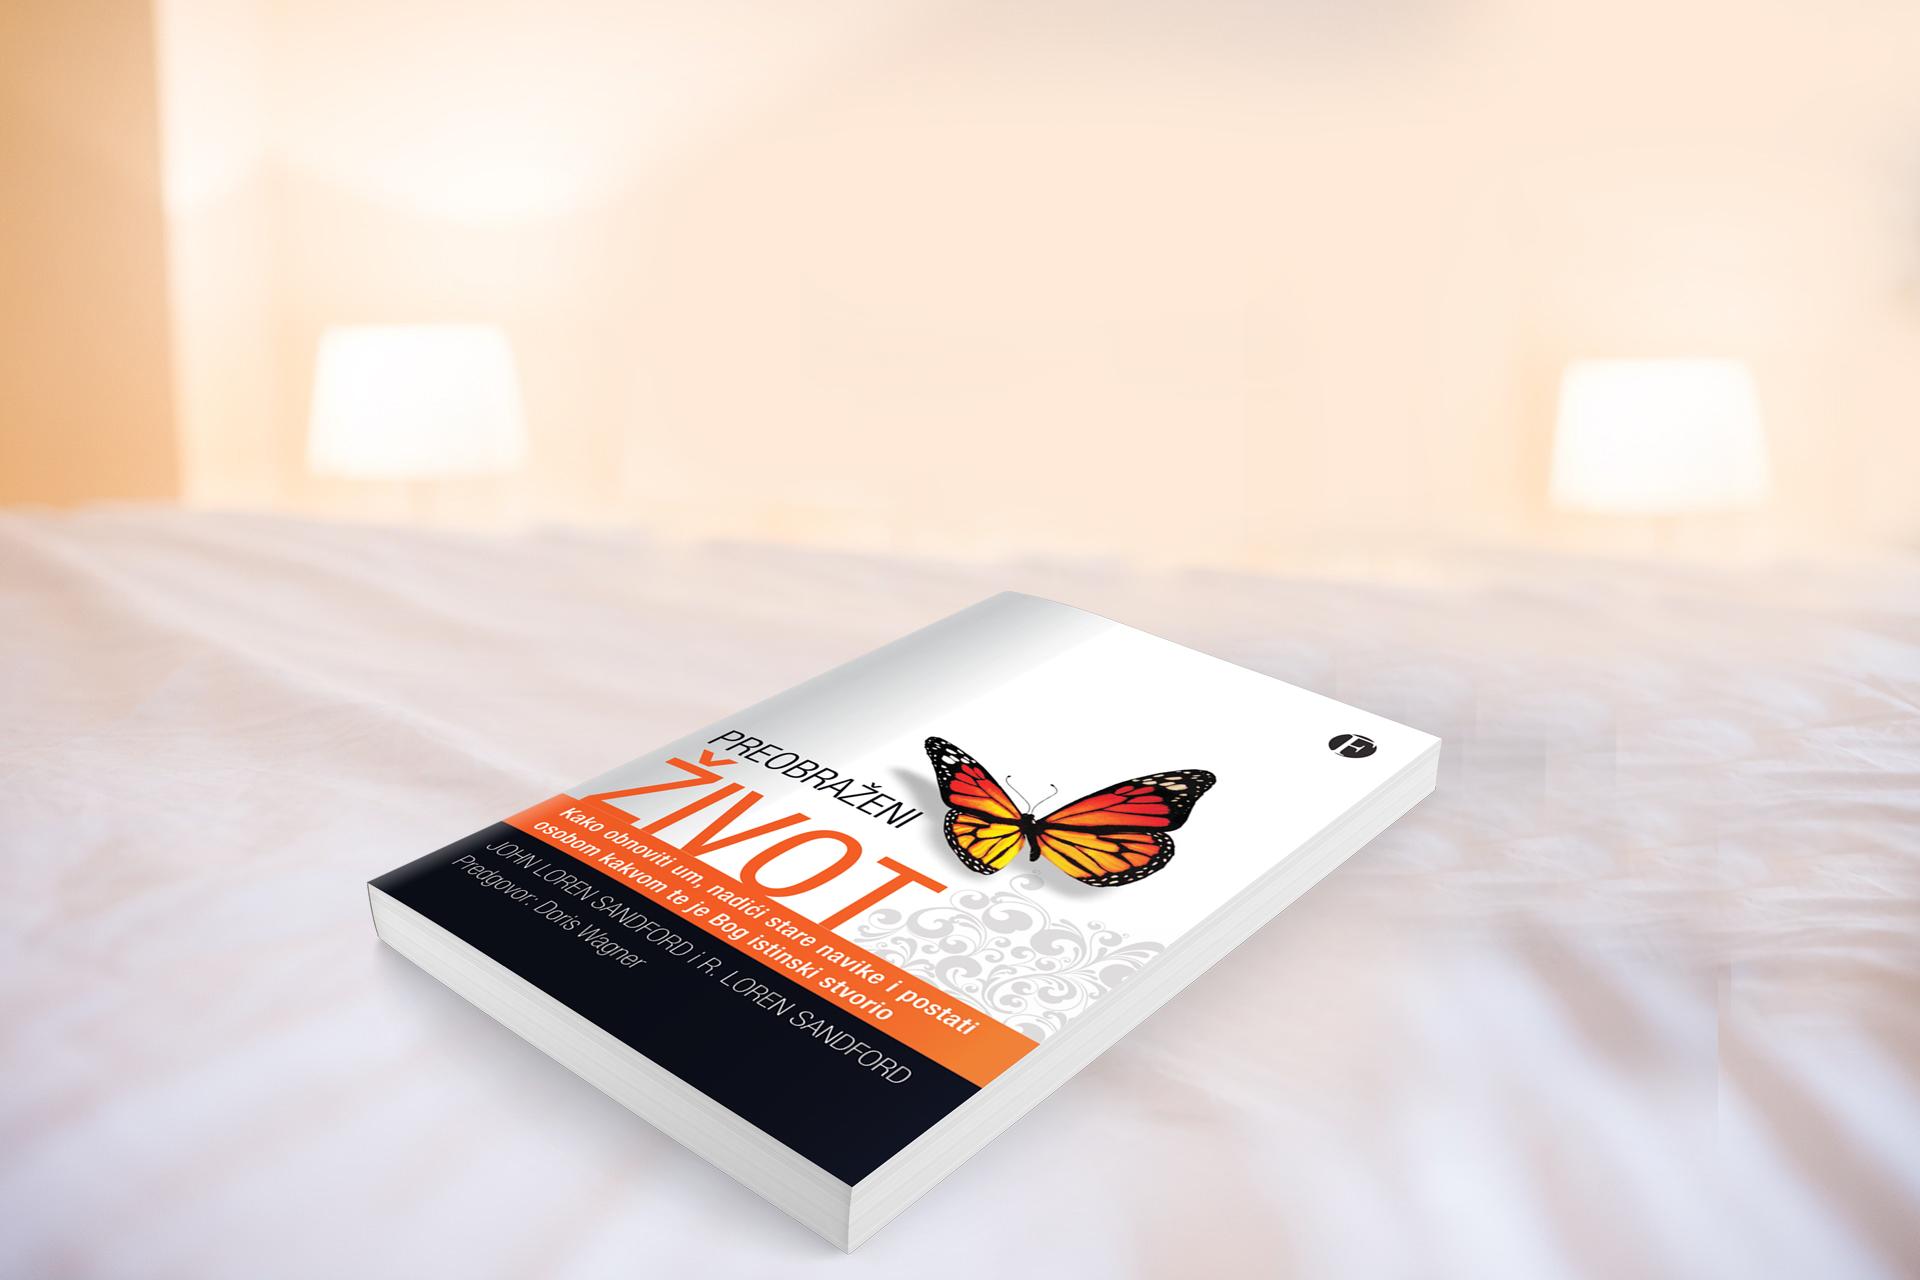 Preobraženi život - Recenzija knjige